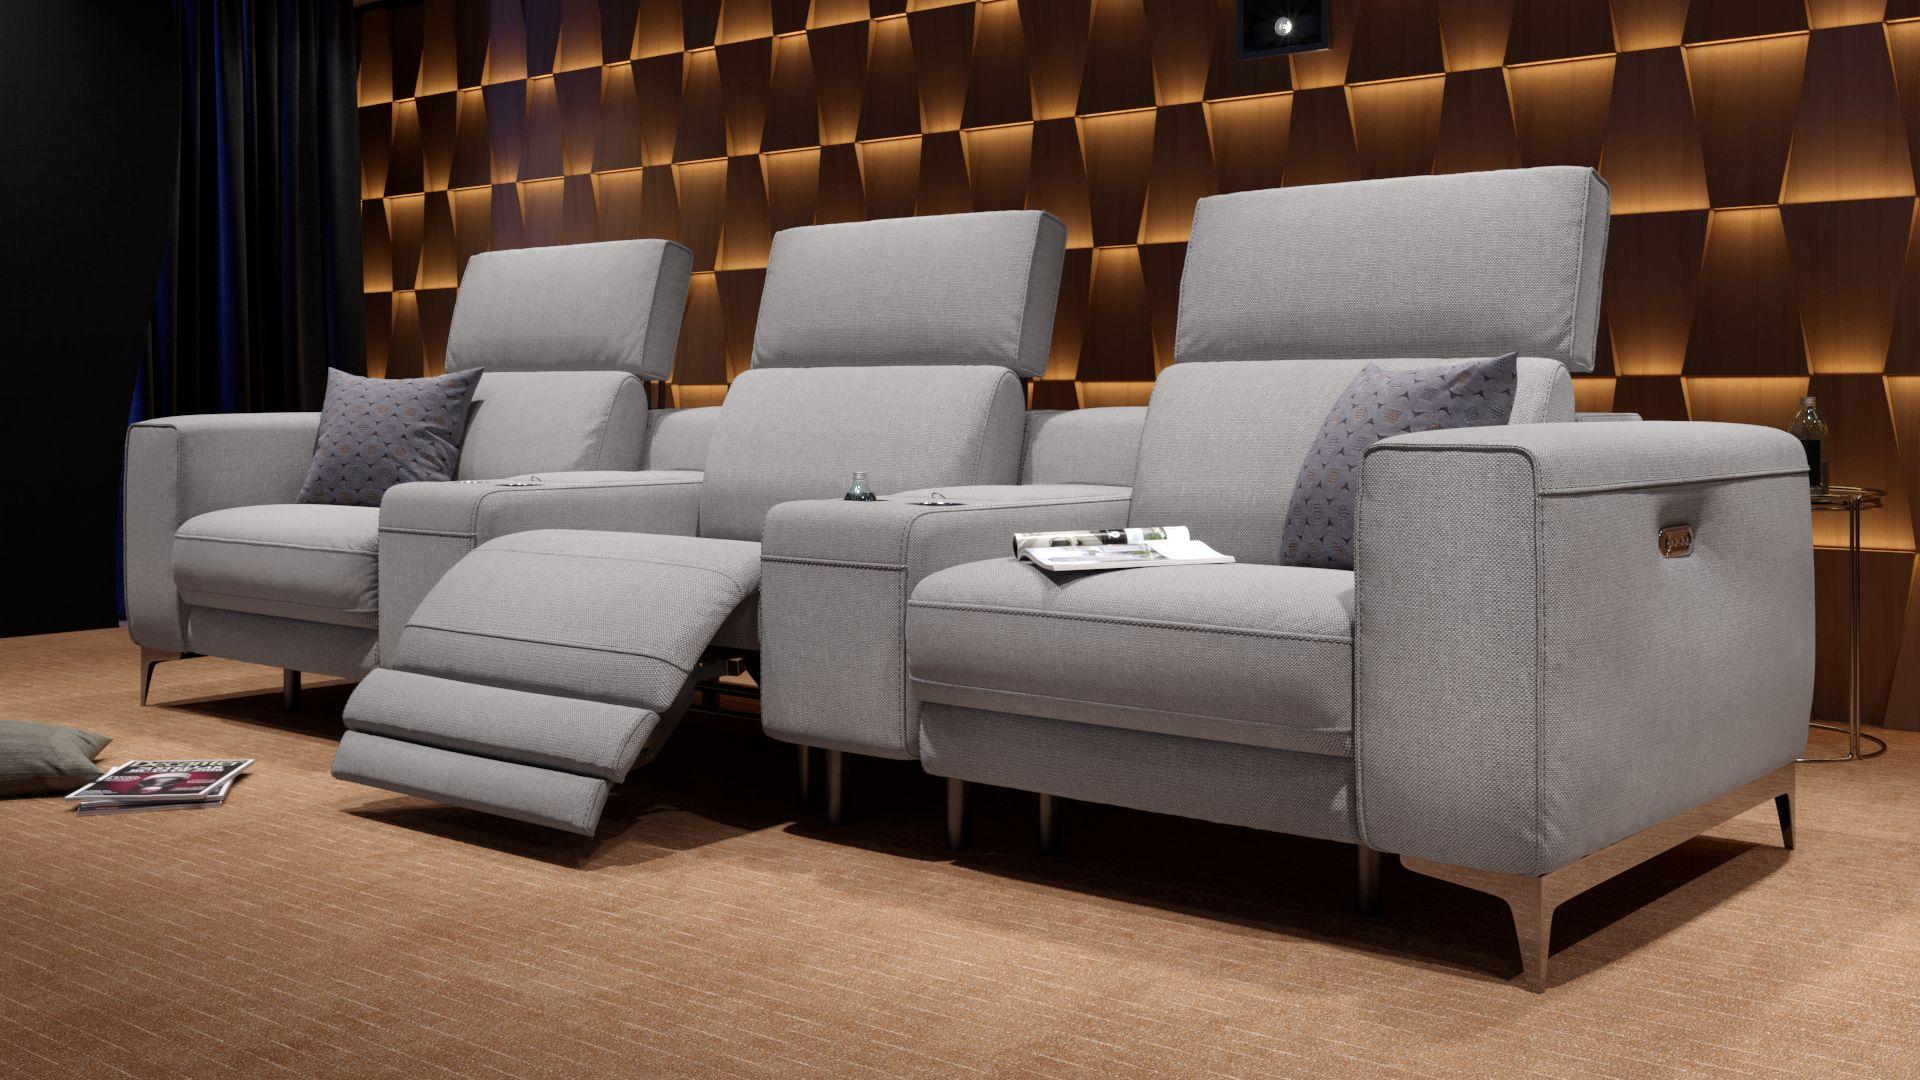 Stoff 3-Sitzer Kinosofa mit zwei Mittelkonsolen CUPELLO